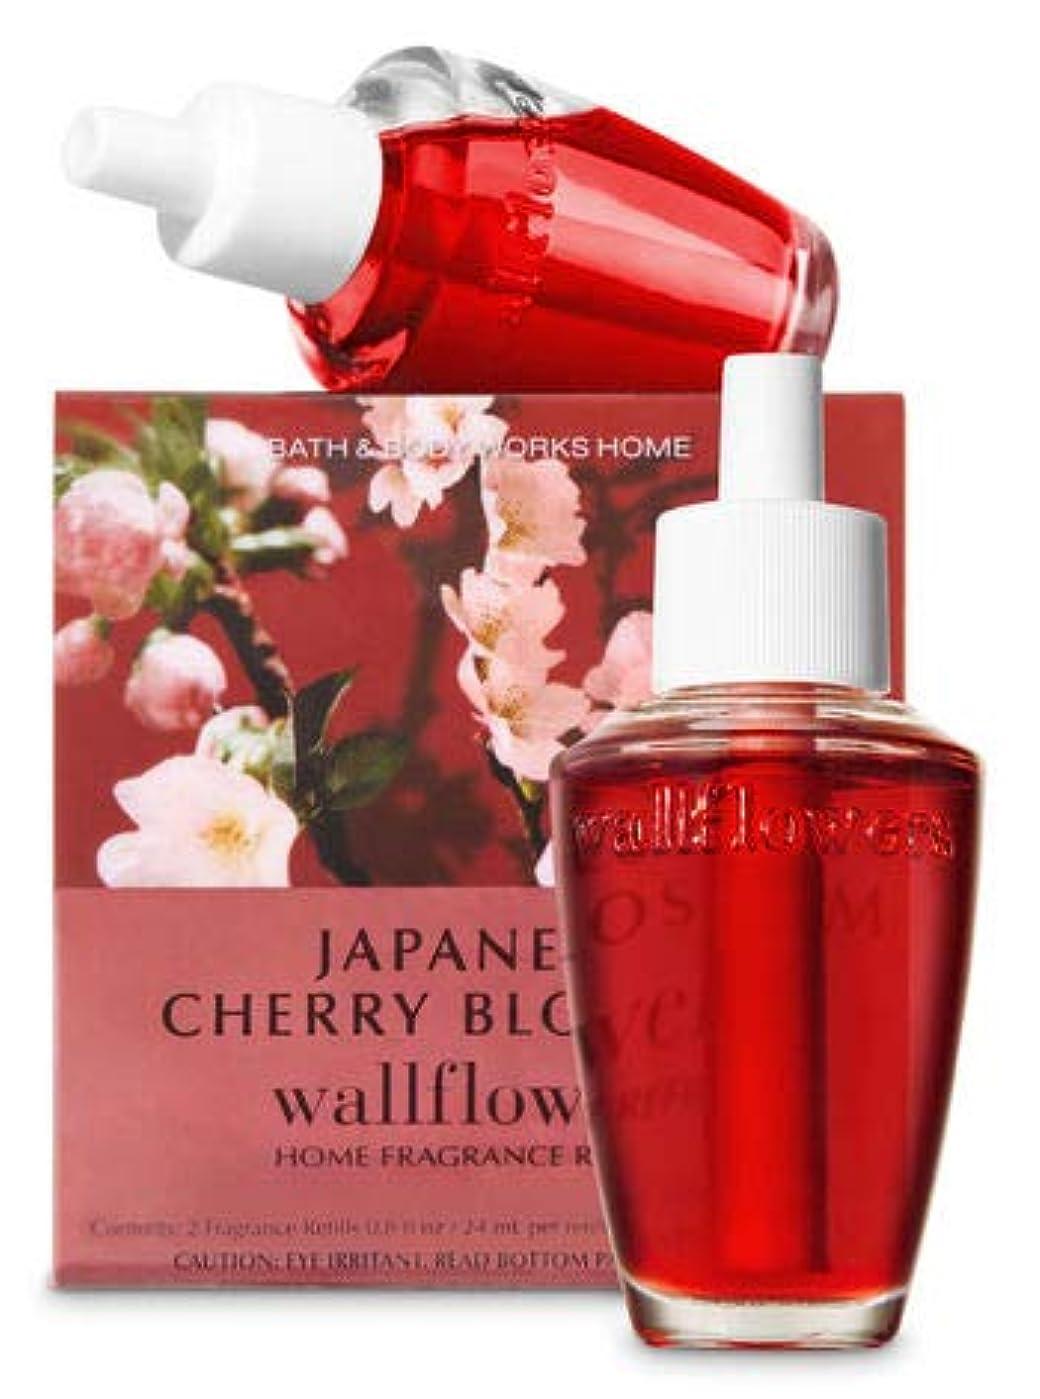 アーサーコナンドイルバット野望【Bath&Body Works/バス&ボディワークス】 ホームフレグランス 詰替えリフィル(2個入り) ジャパニーズチェリーブロッサム Wallflowers Home Fragrance 2-Pack Refills Japanese Cherry Blossom [並行輸入品]